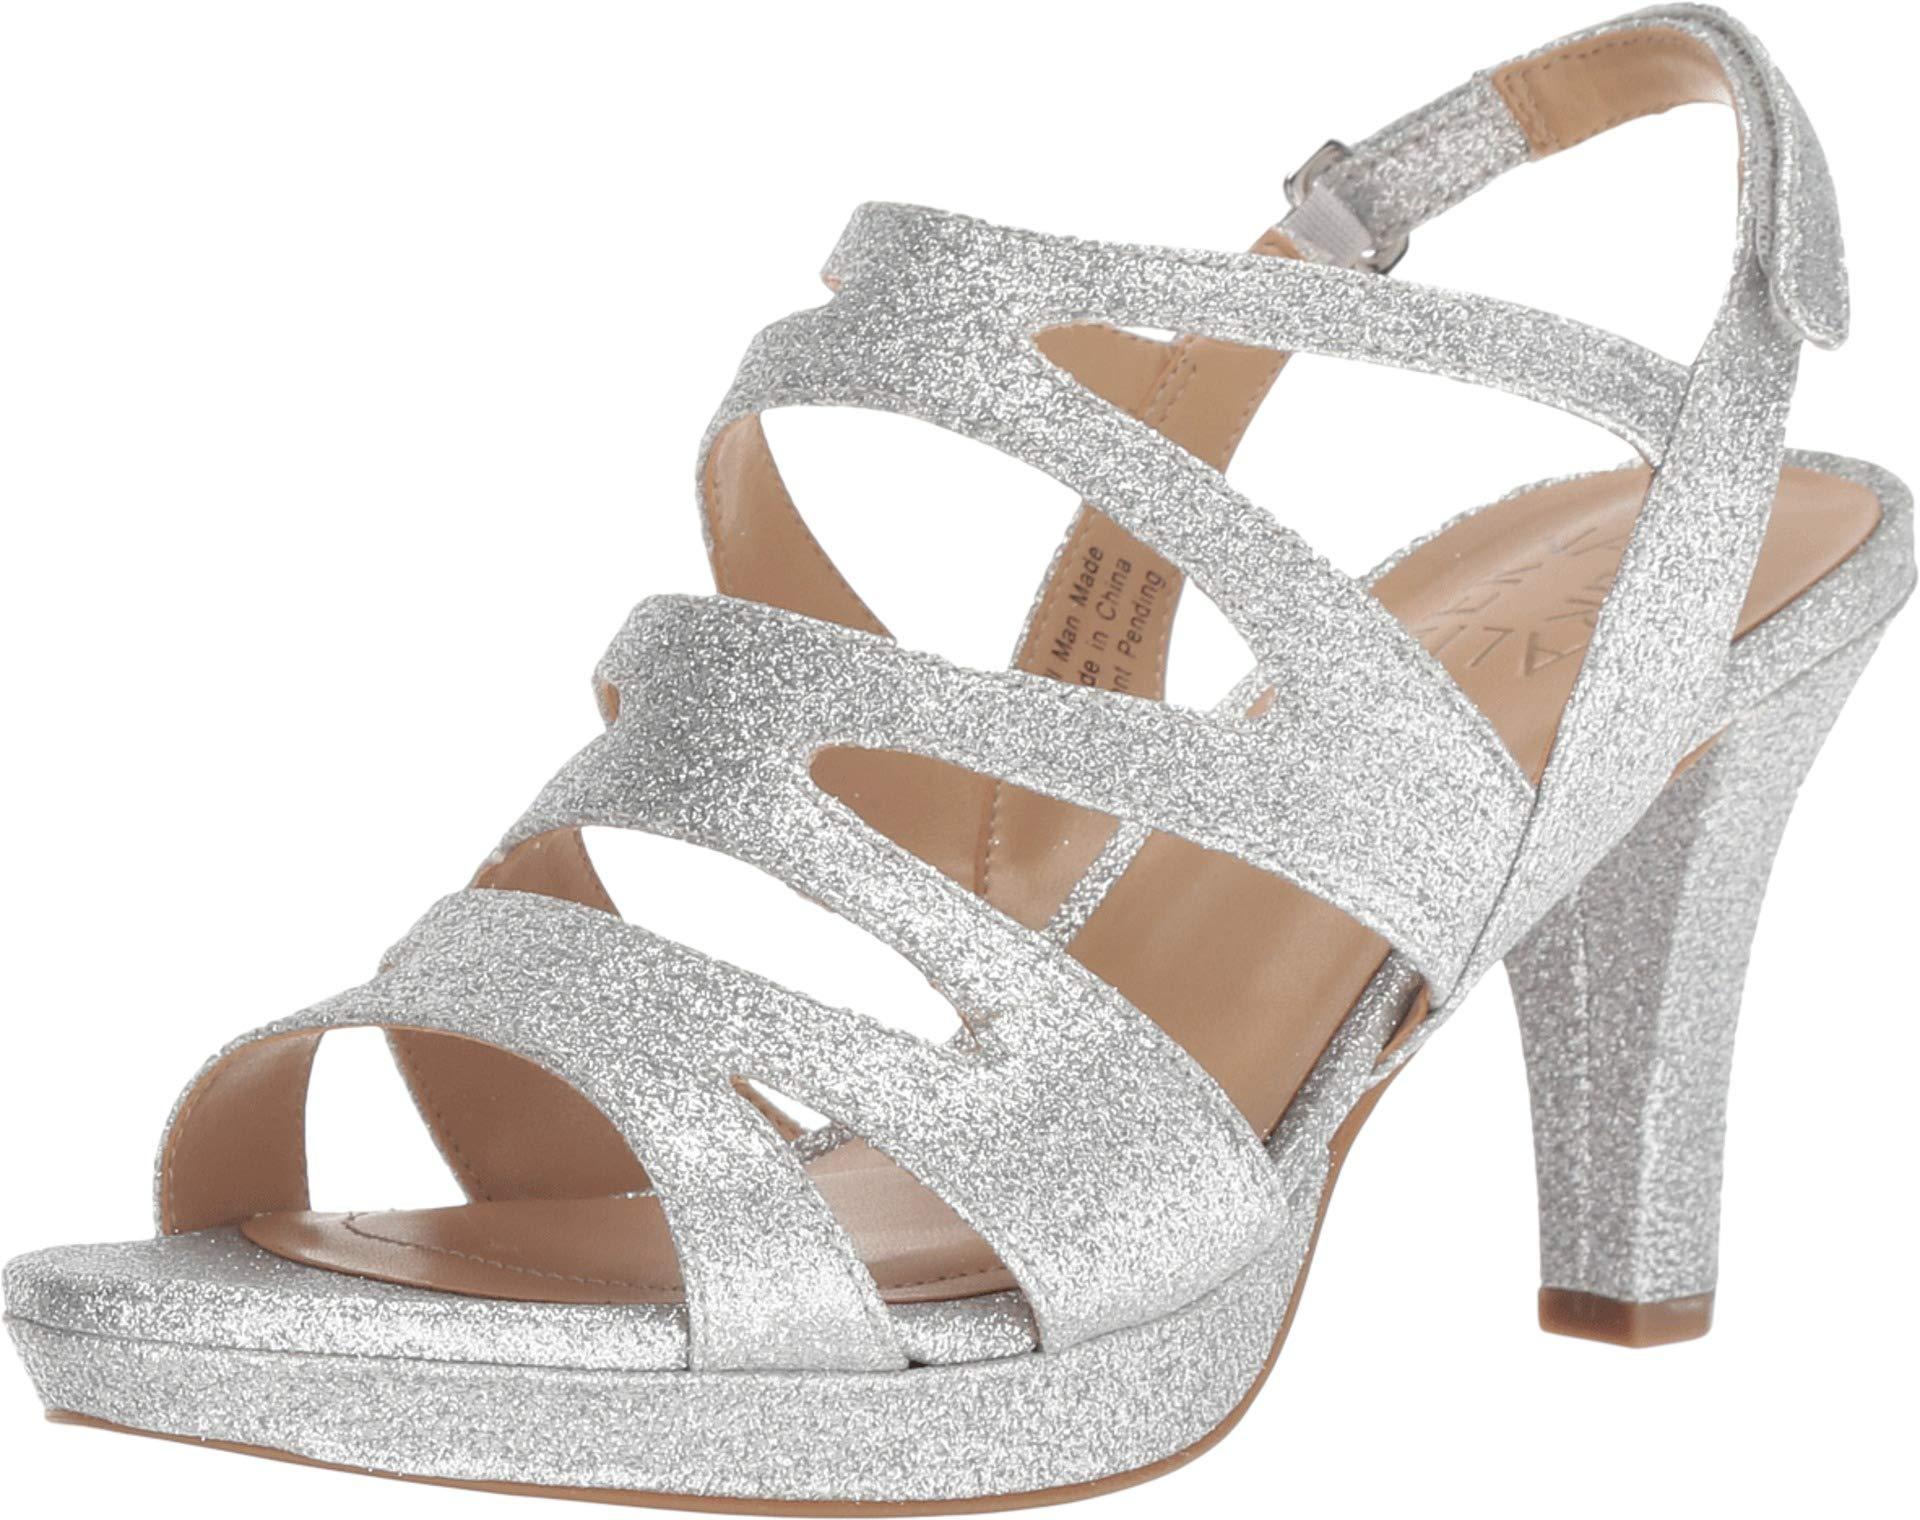 c742a2811966 Galleon - Naturalizer Women s Pressley Silver Mini Glitter 7.5 W US W (C)